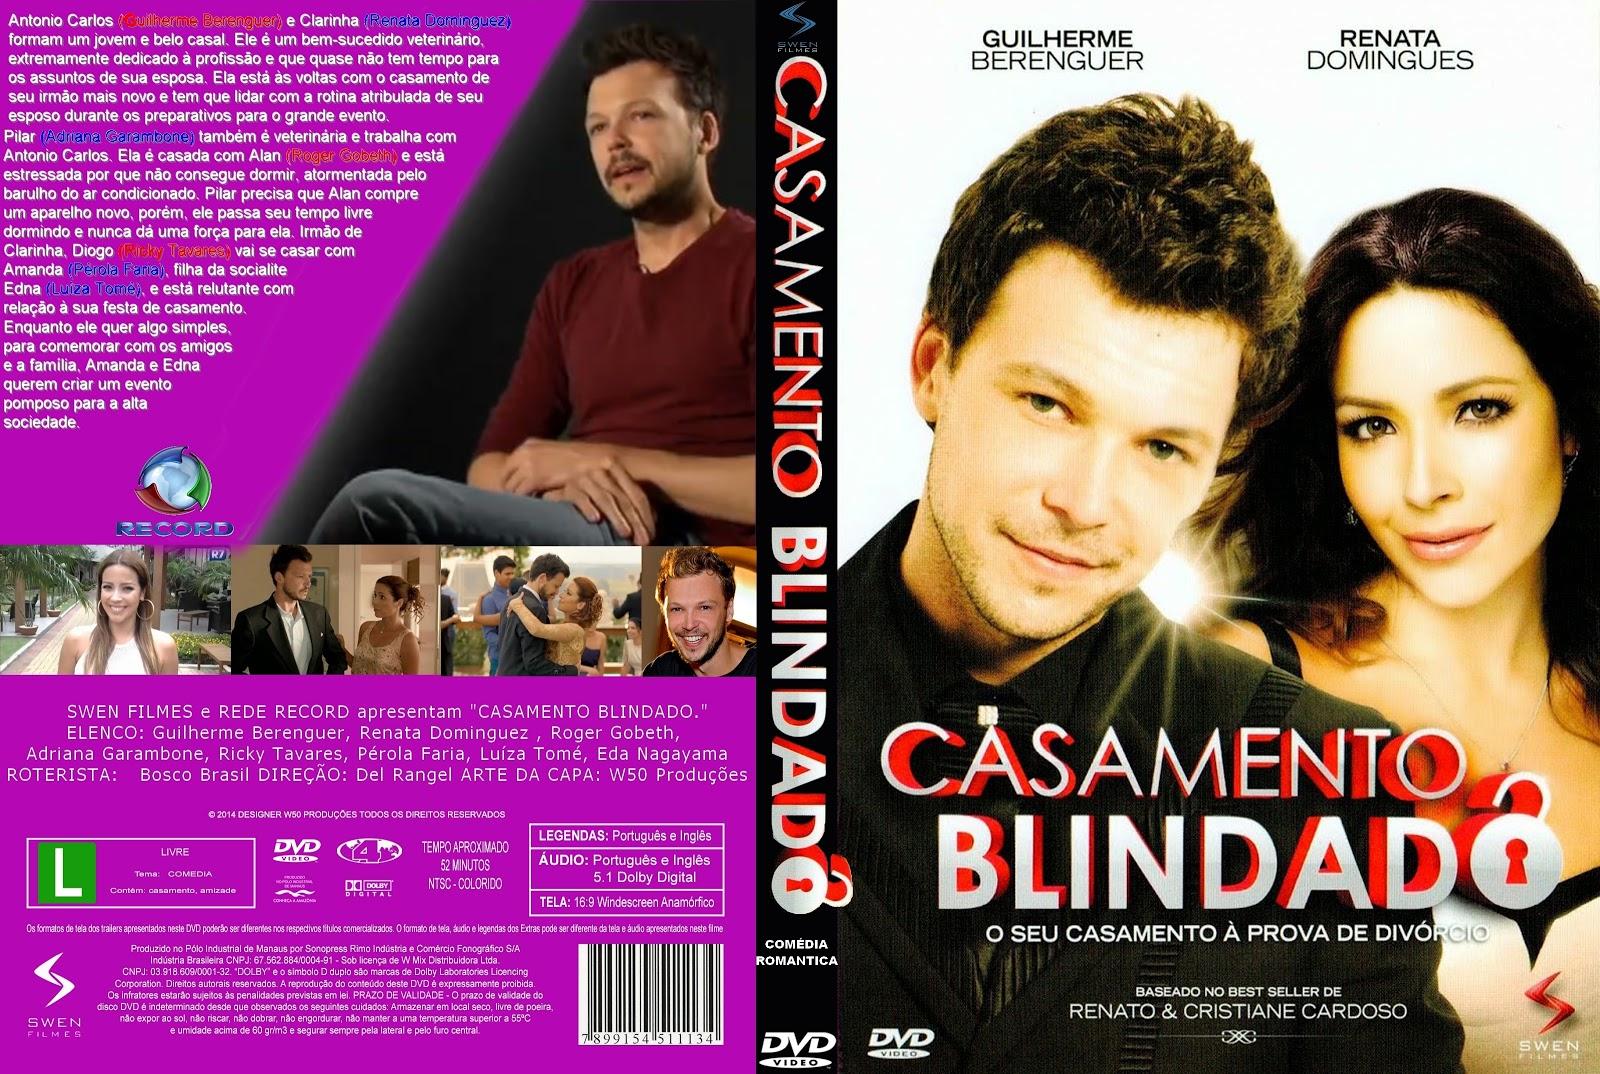 Capa DVD Casamento Blindado